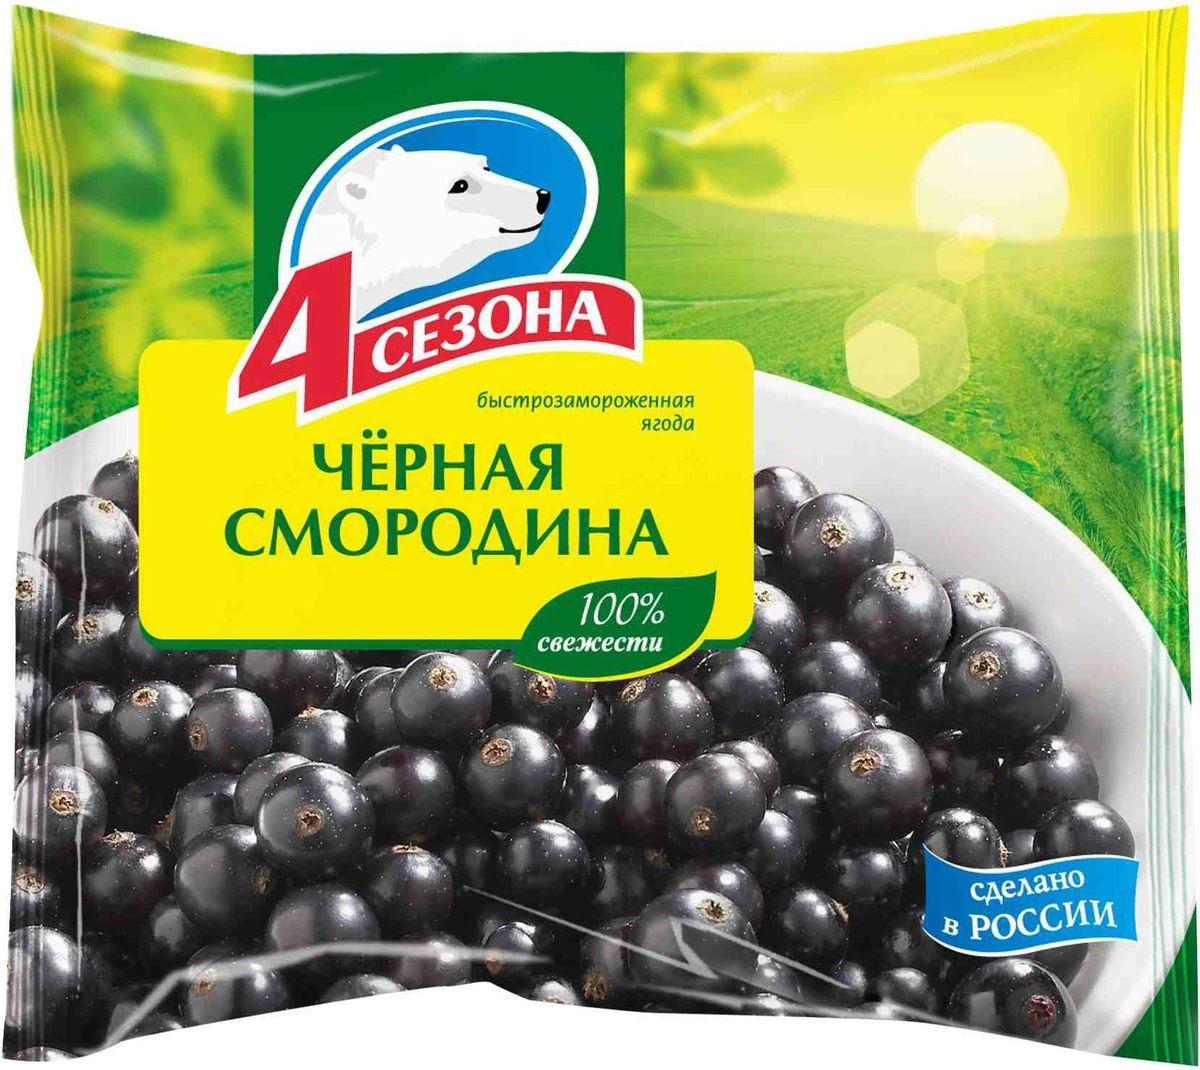 4 Сезона Черная смородина, 300 г 4 сезона клубника 300 г